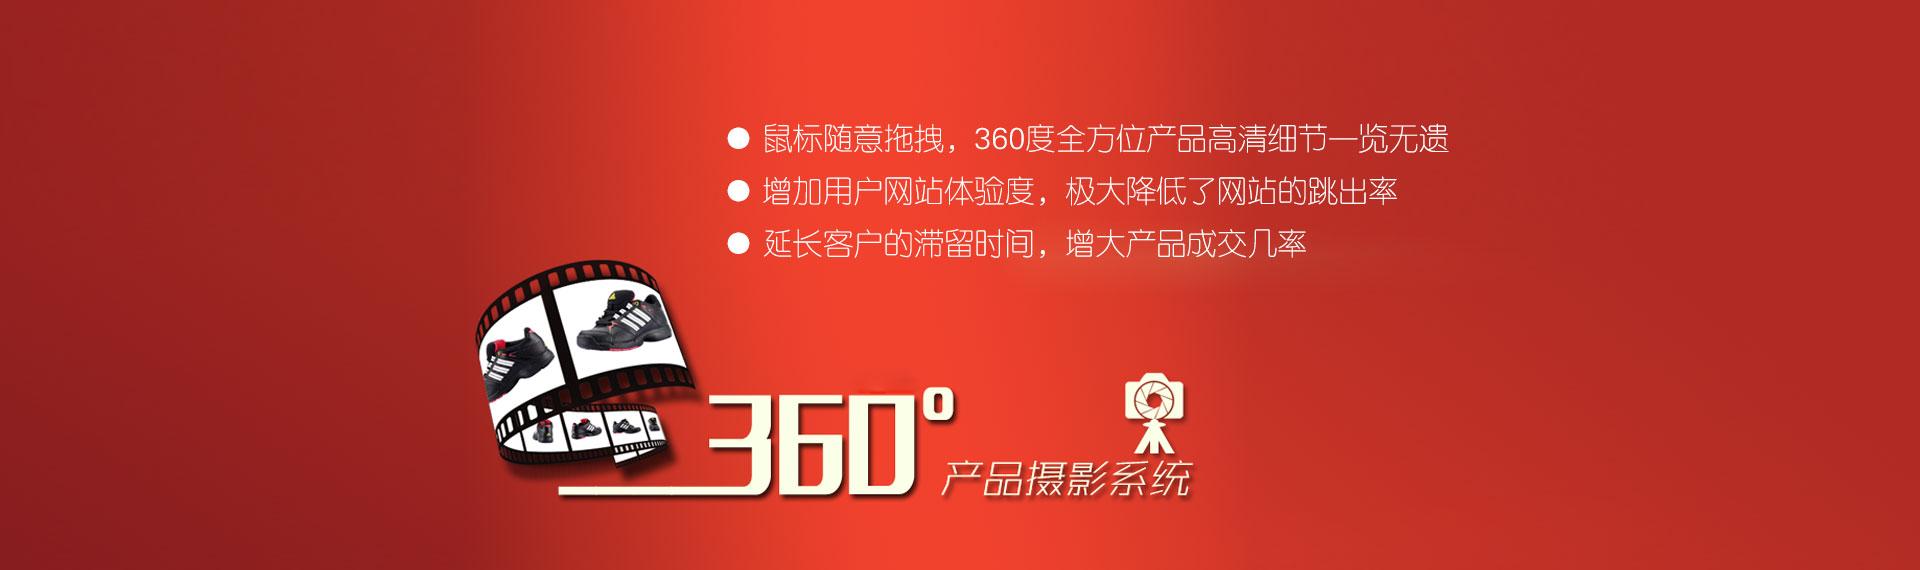 周口360產品全景圖制作